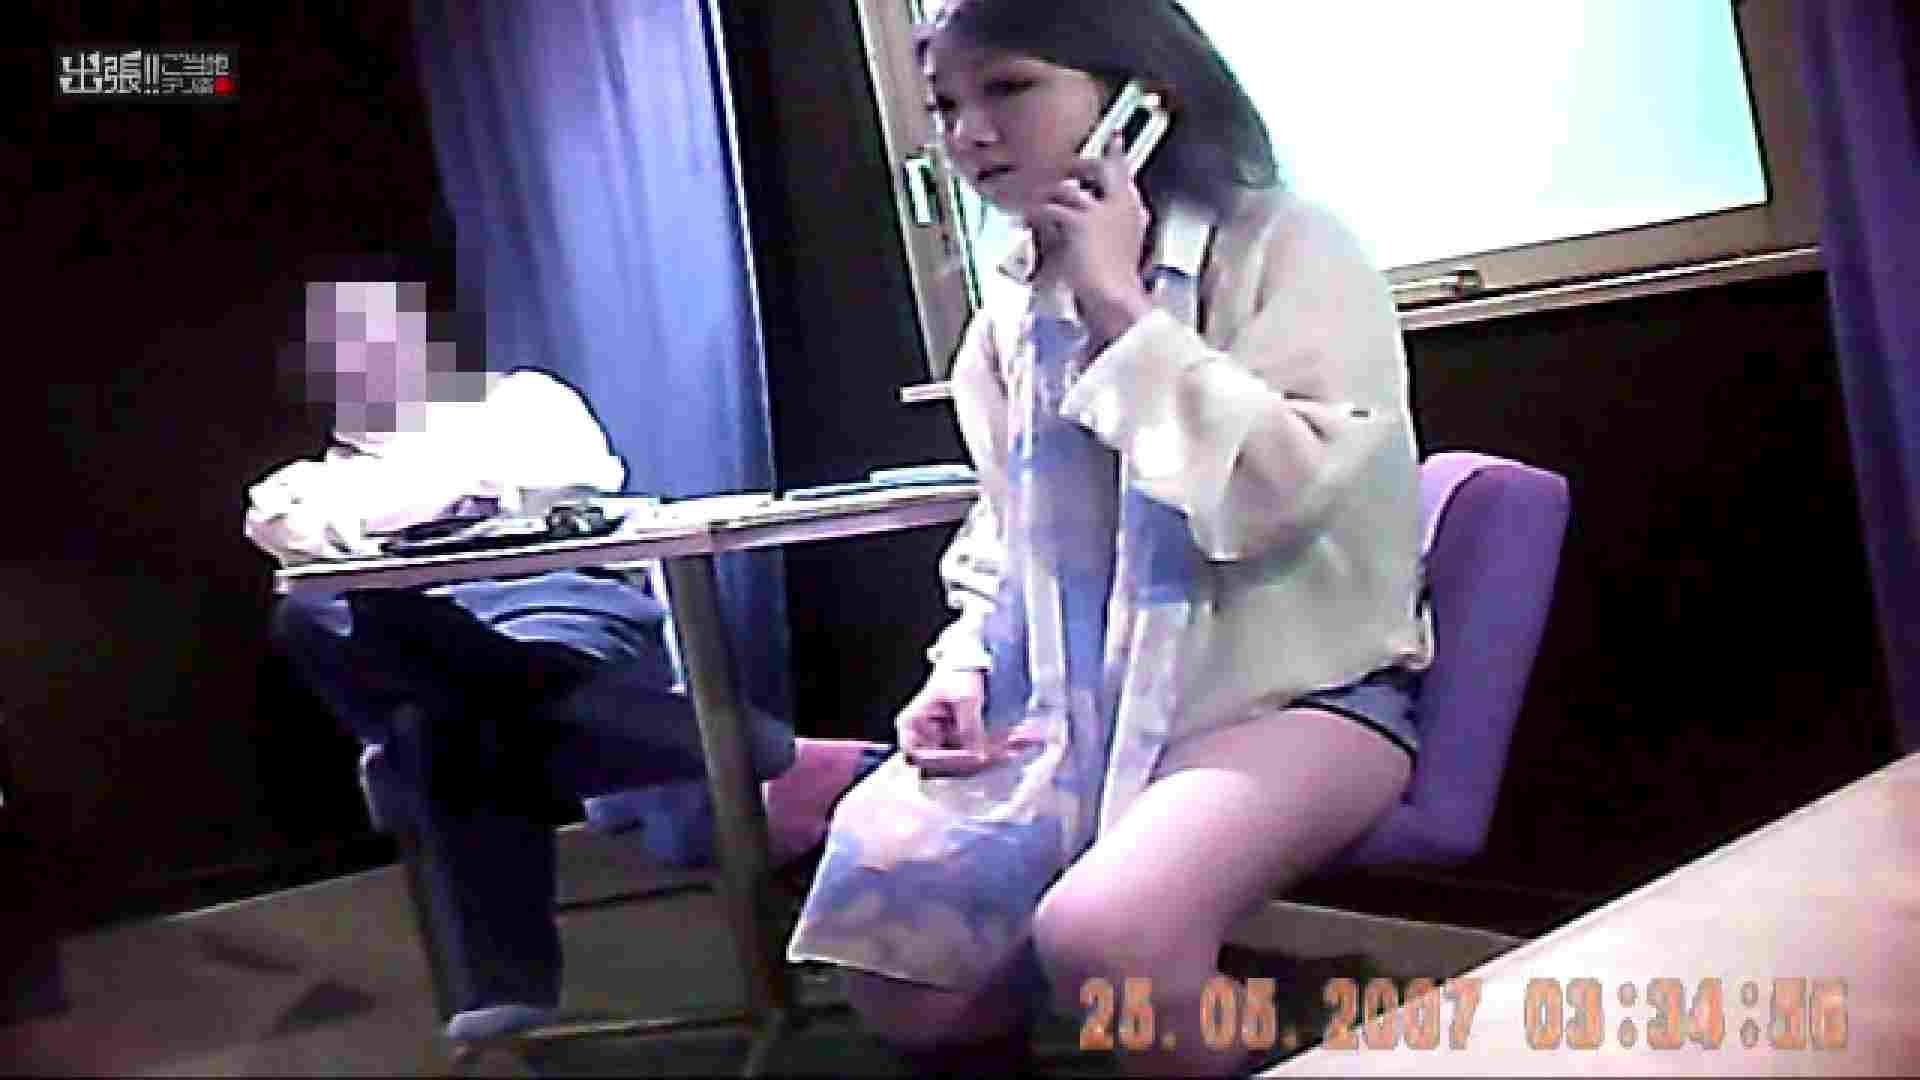 出張リーマンのデリ嬢隠し撮り第3弾vol.5 セックス | 女子大生のエッチ  97pic 8